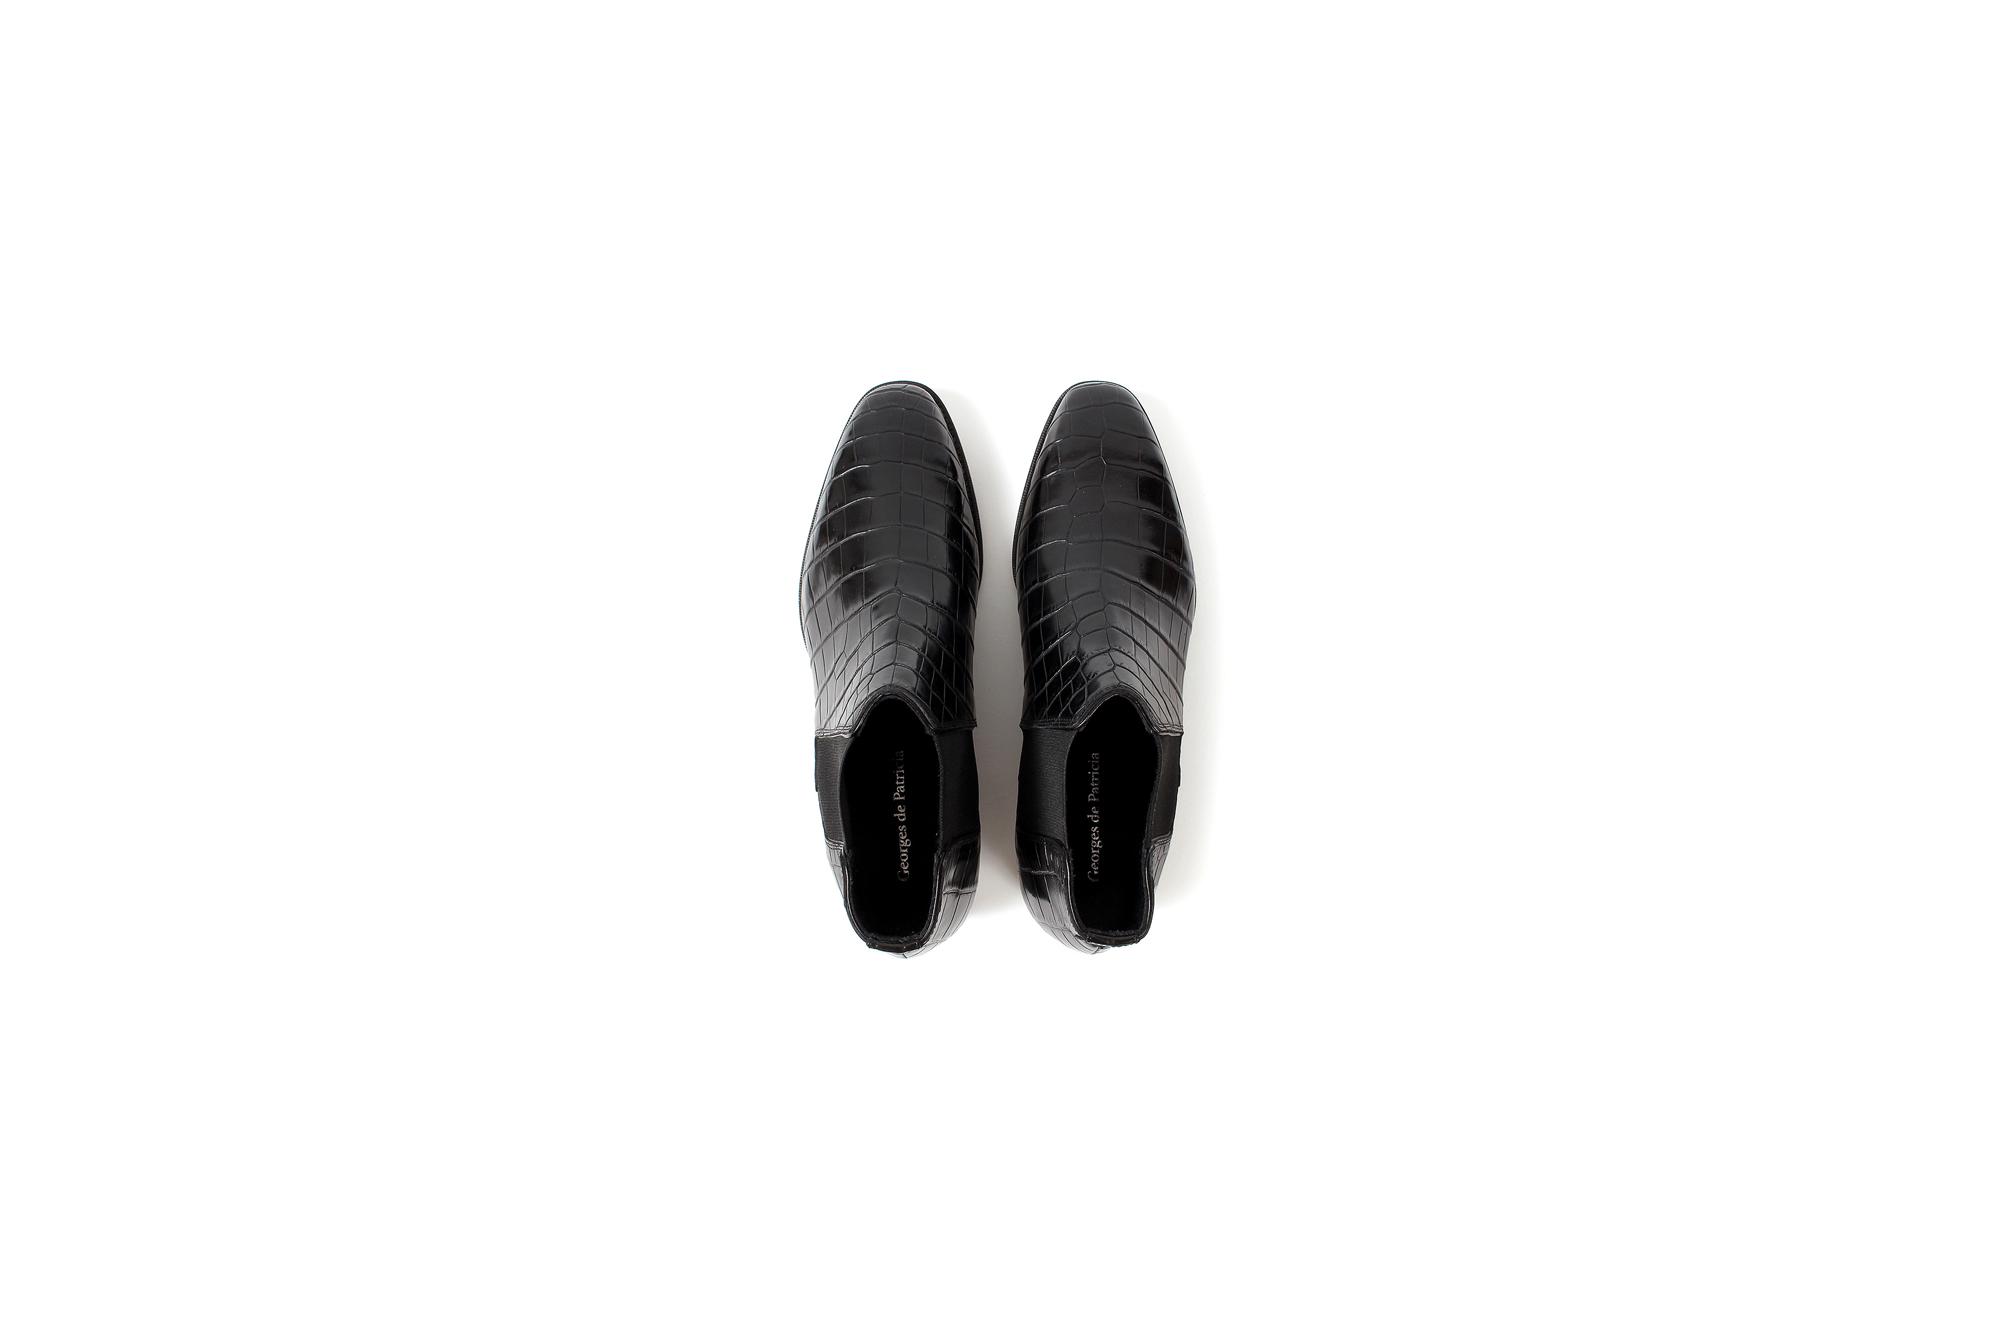 Georges de Patricia(ジョルジュ ド パトリシア) Diablo Crocodile (ディアブロ クロコダイル) 925 STERLING SILVER (925 スターリングシルバー) Crocodile クロコダイル エキゾチックレザー サイドゴアブーツ NOIR (ブラック)  2020【Special Boots】 アルトエデリット ジョルジュドパトリシア ブーツ 超絶ブーツ ランボルギーニ ディアブロ lamborghini